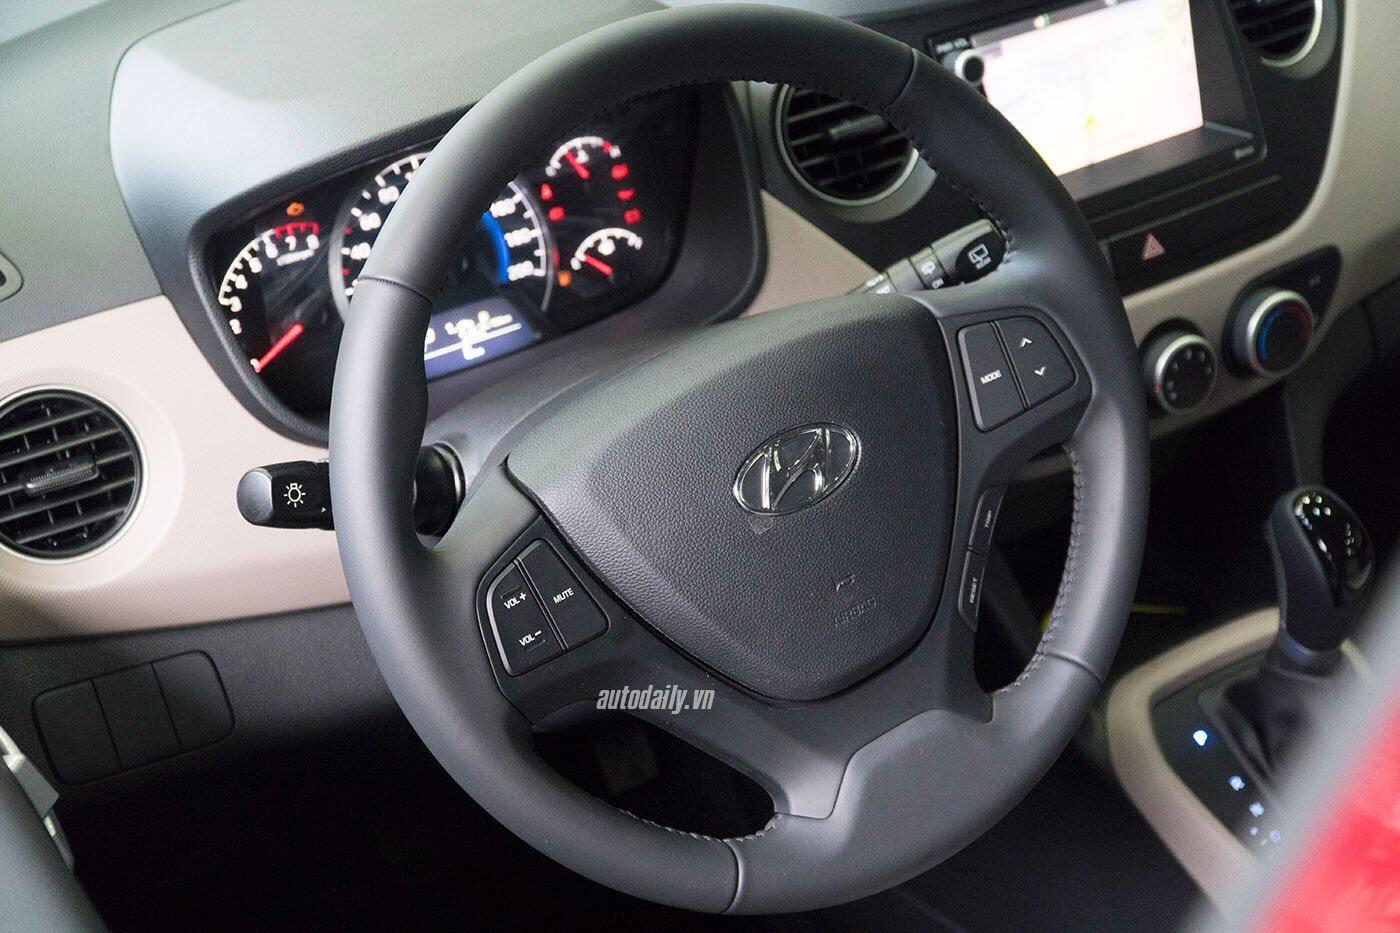 Có 400 triệu đồng, mua Hyundai Grand i10 hay Kia Morning? - Hình 8